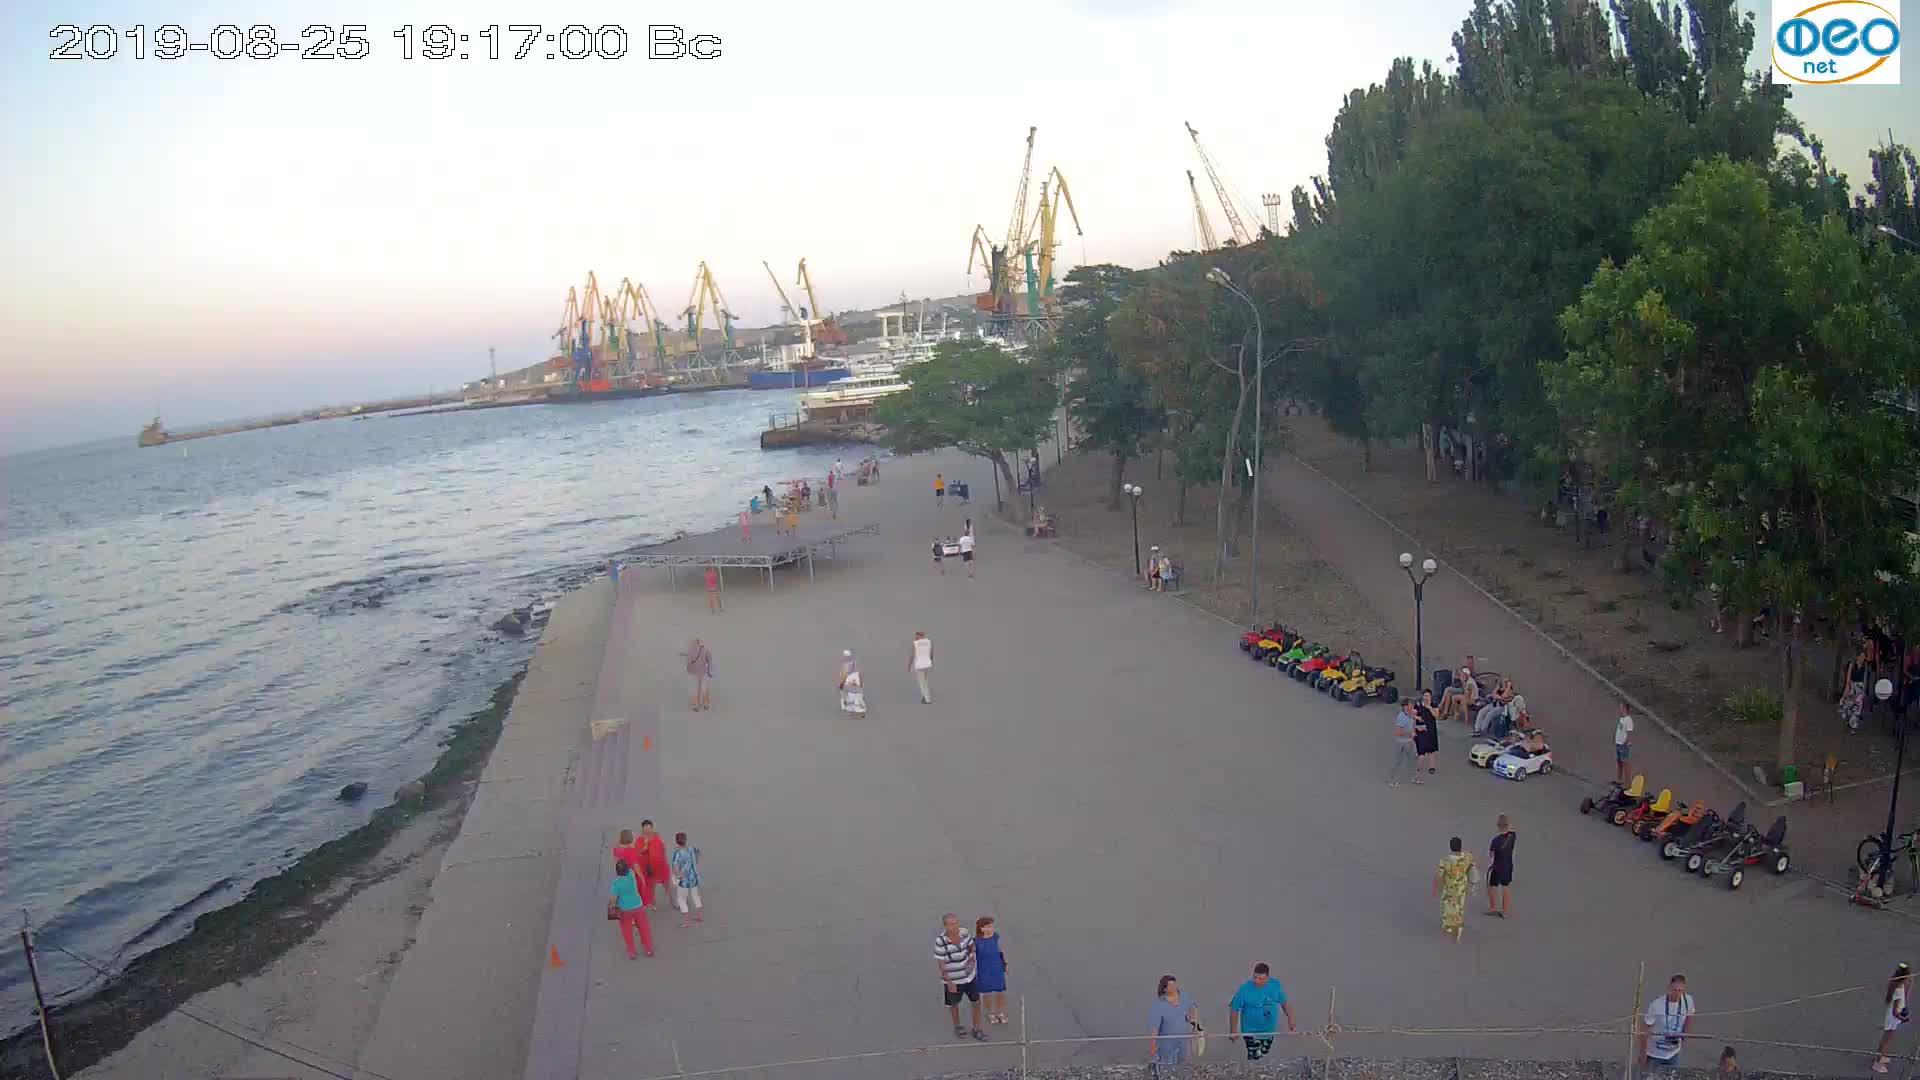 Веб-камеры Феодосии, Набережная Десантников, 2019-08-25 19:20:08